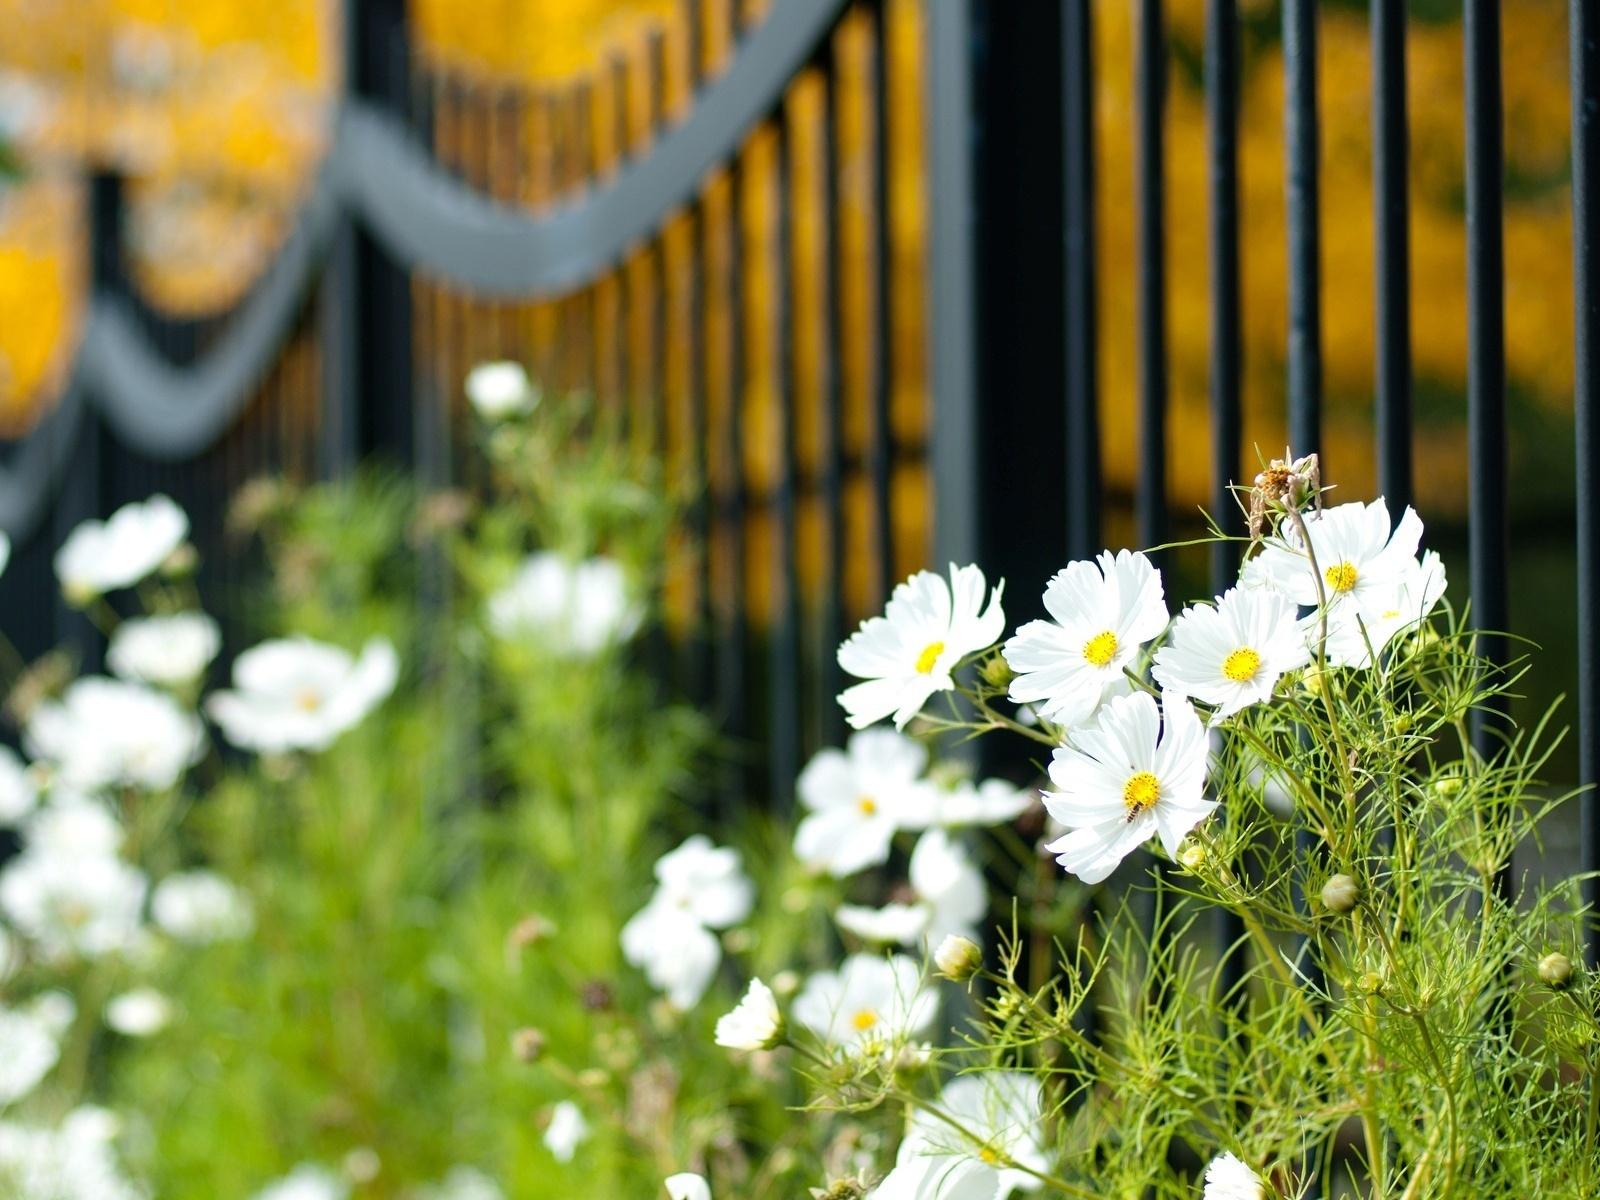 цветы, цветочки, ворота, ограждение, забор, Макро